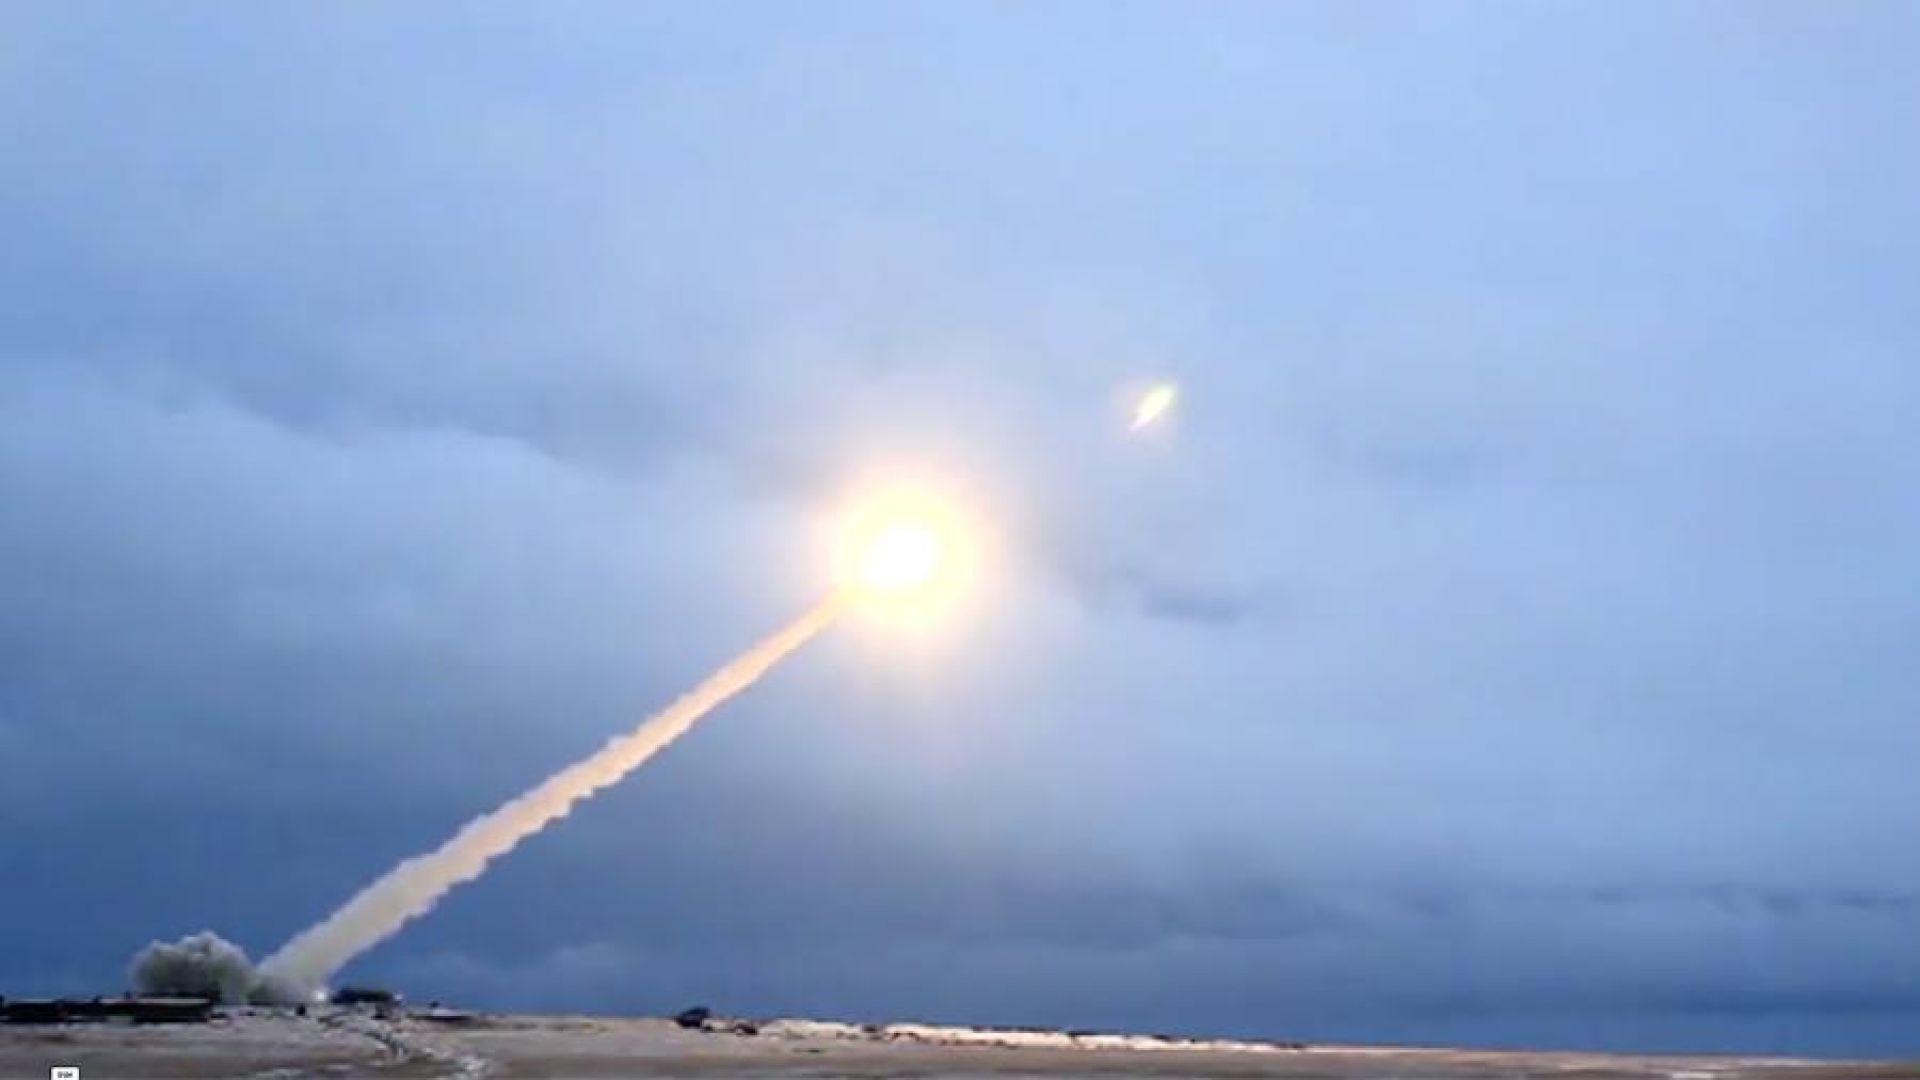 Русия може да разположи ракети на територията на свои съюзници